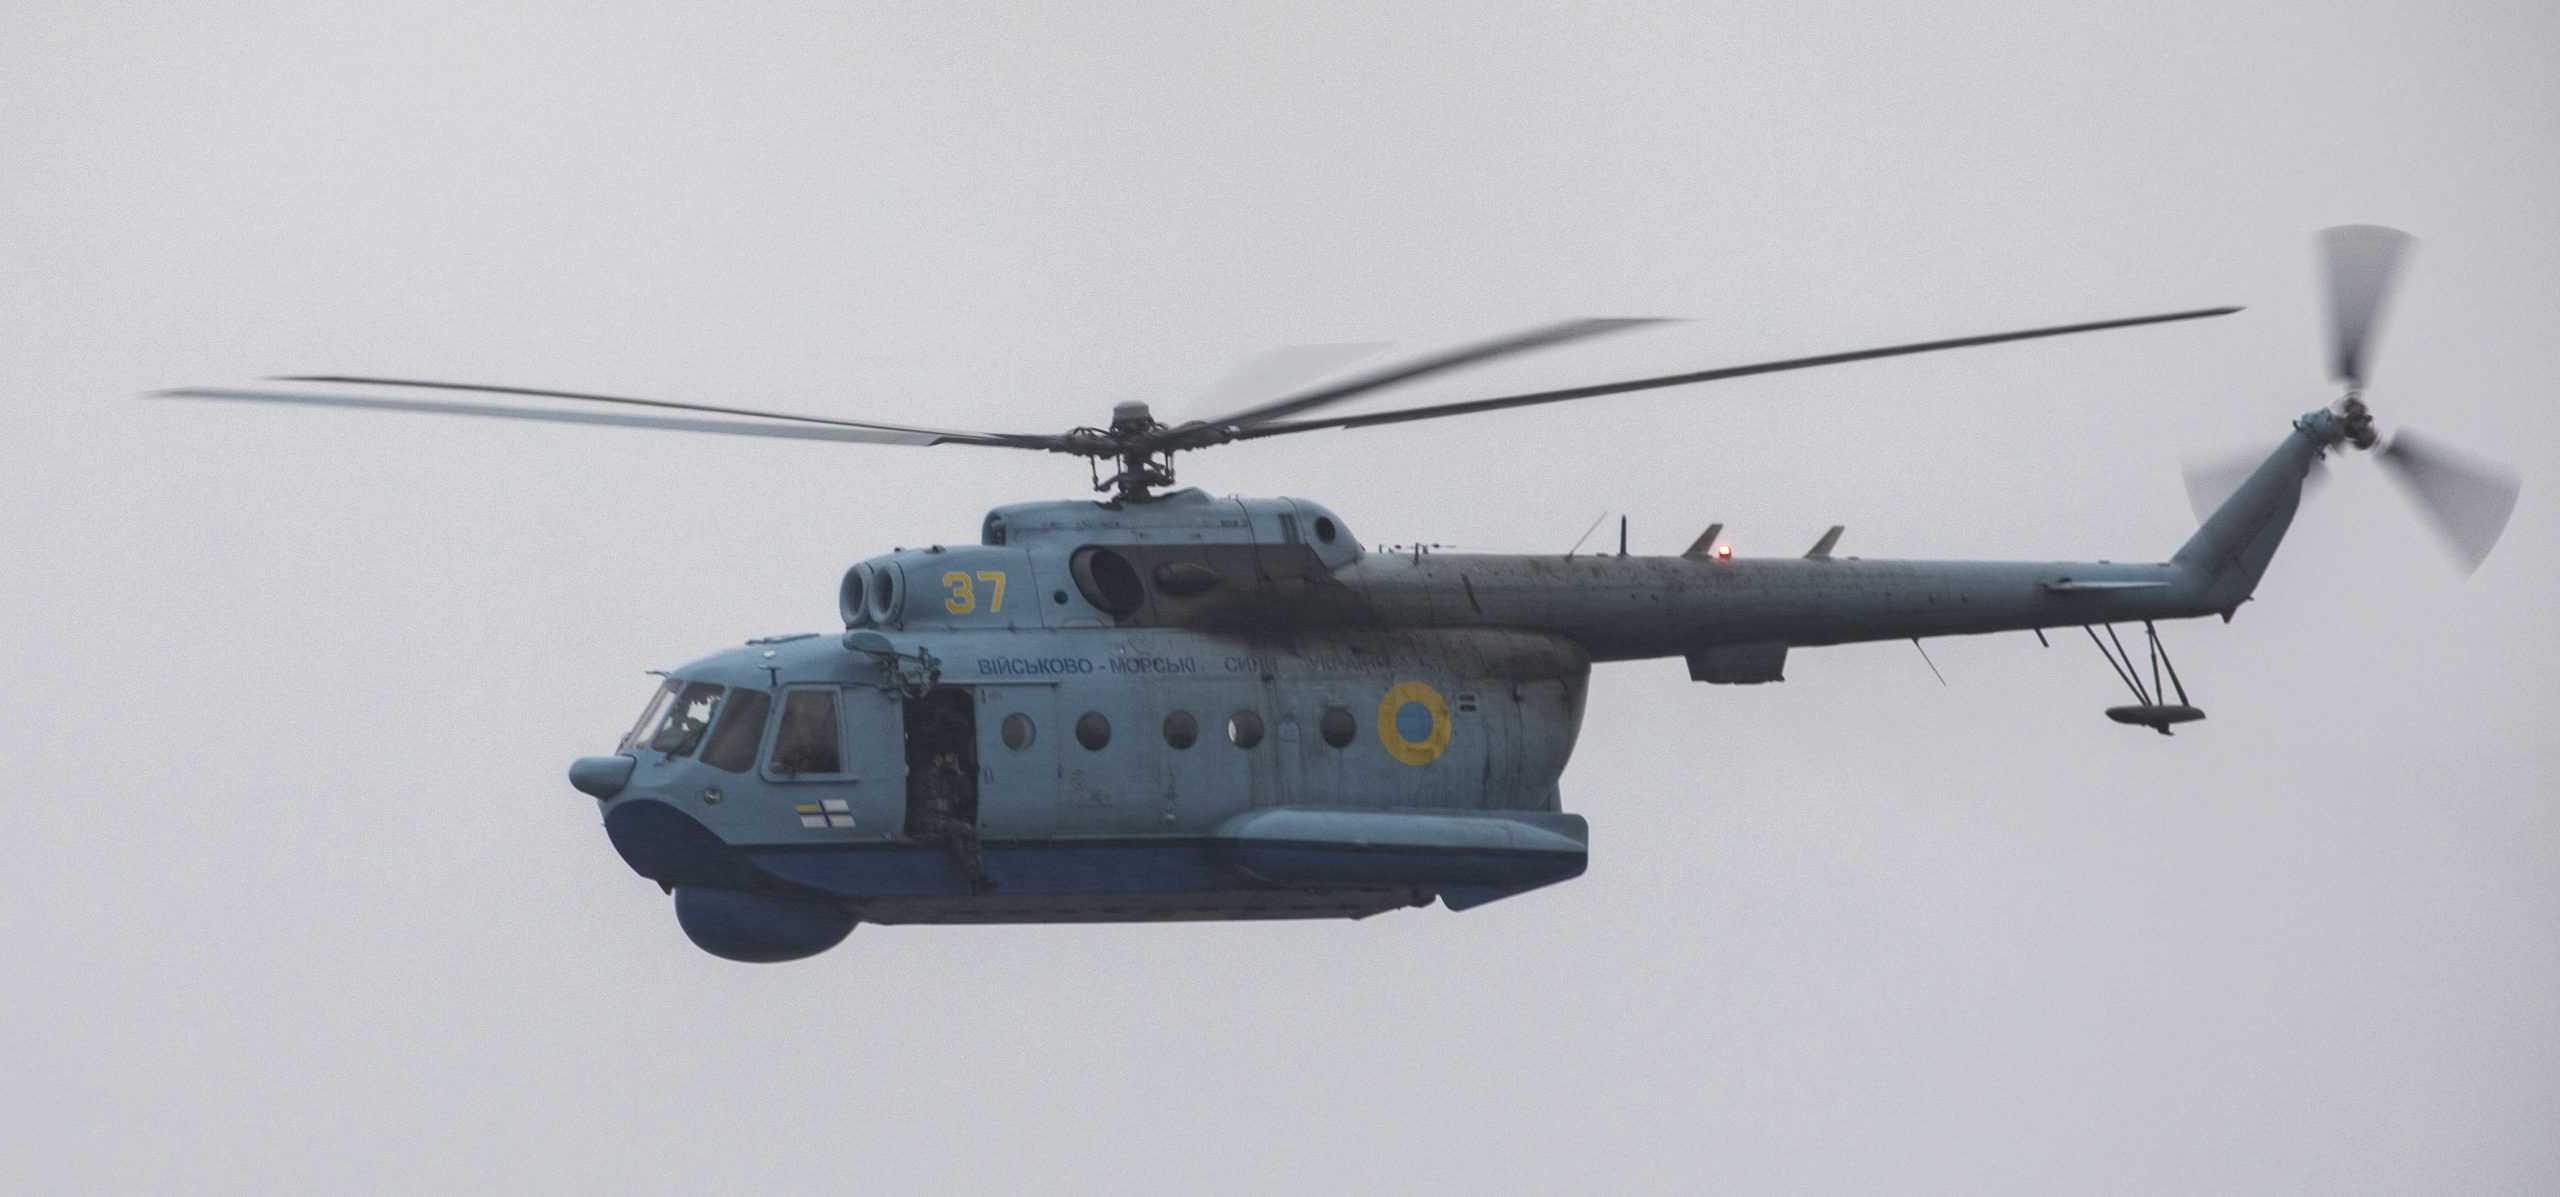 Гелікоптер Мі-14 Морської авіації ЗС України з бортовим номером 37